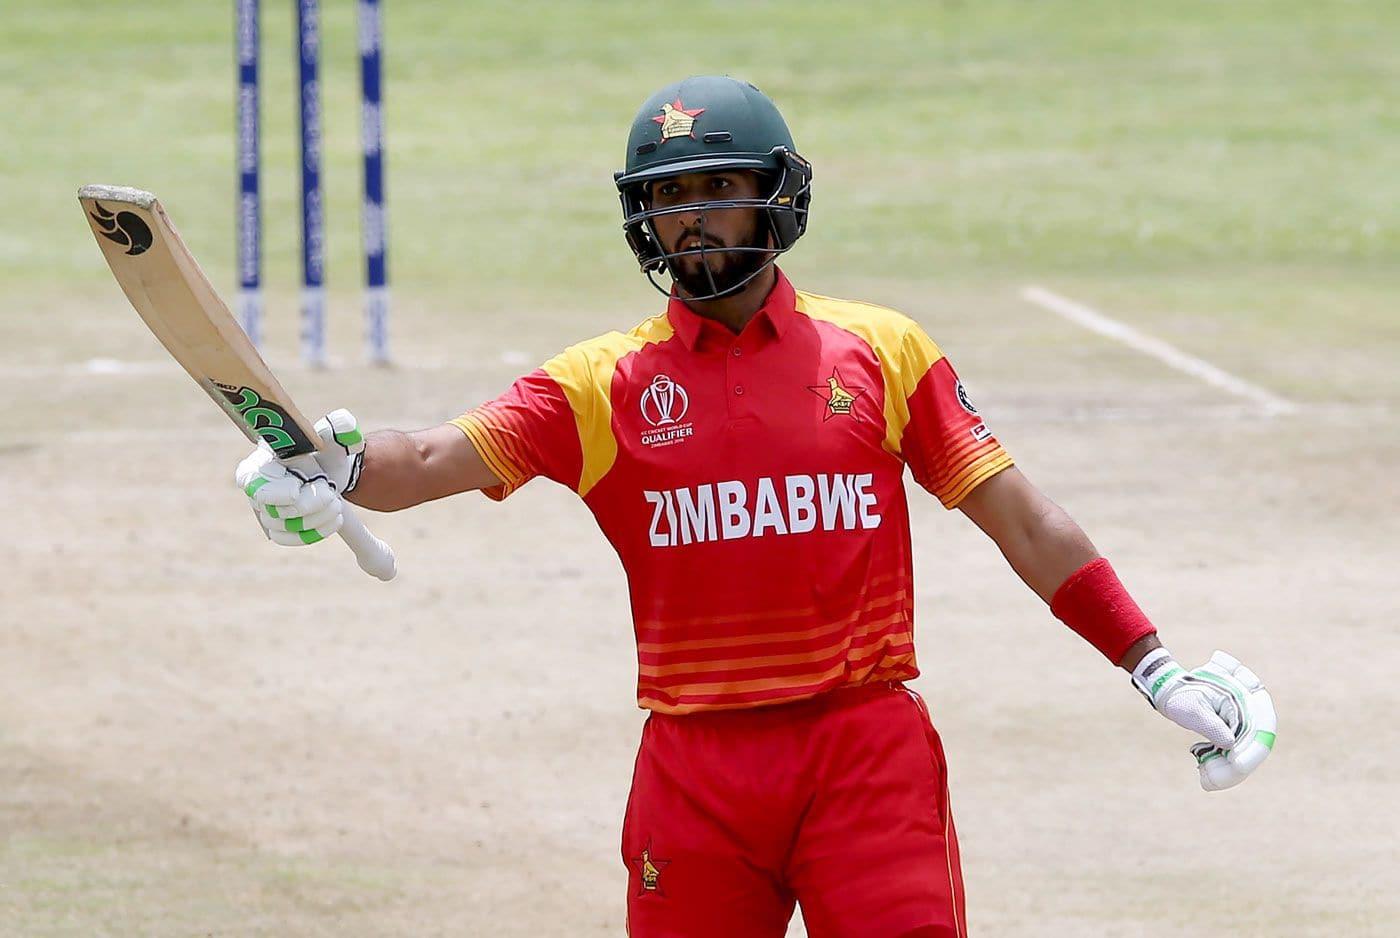 Zimbabwe Cricket terms Sikandar Raza's tweet as misleading, patently false